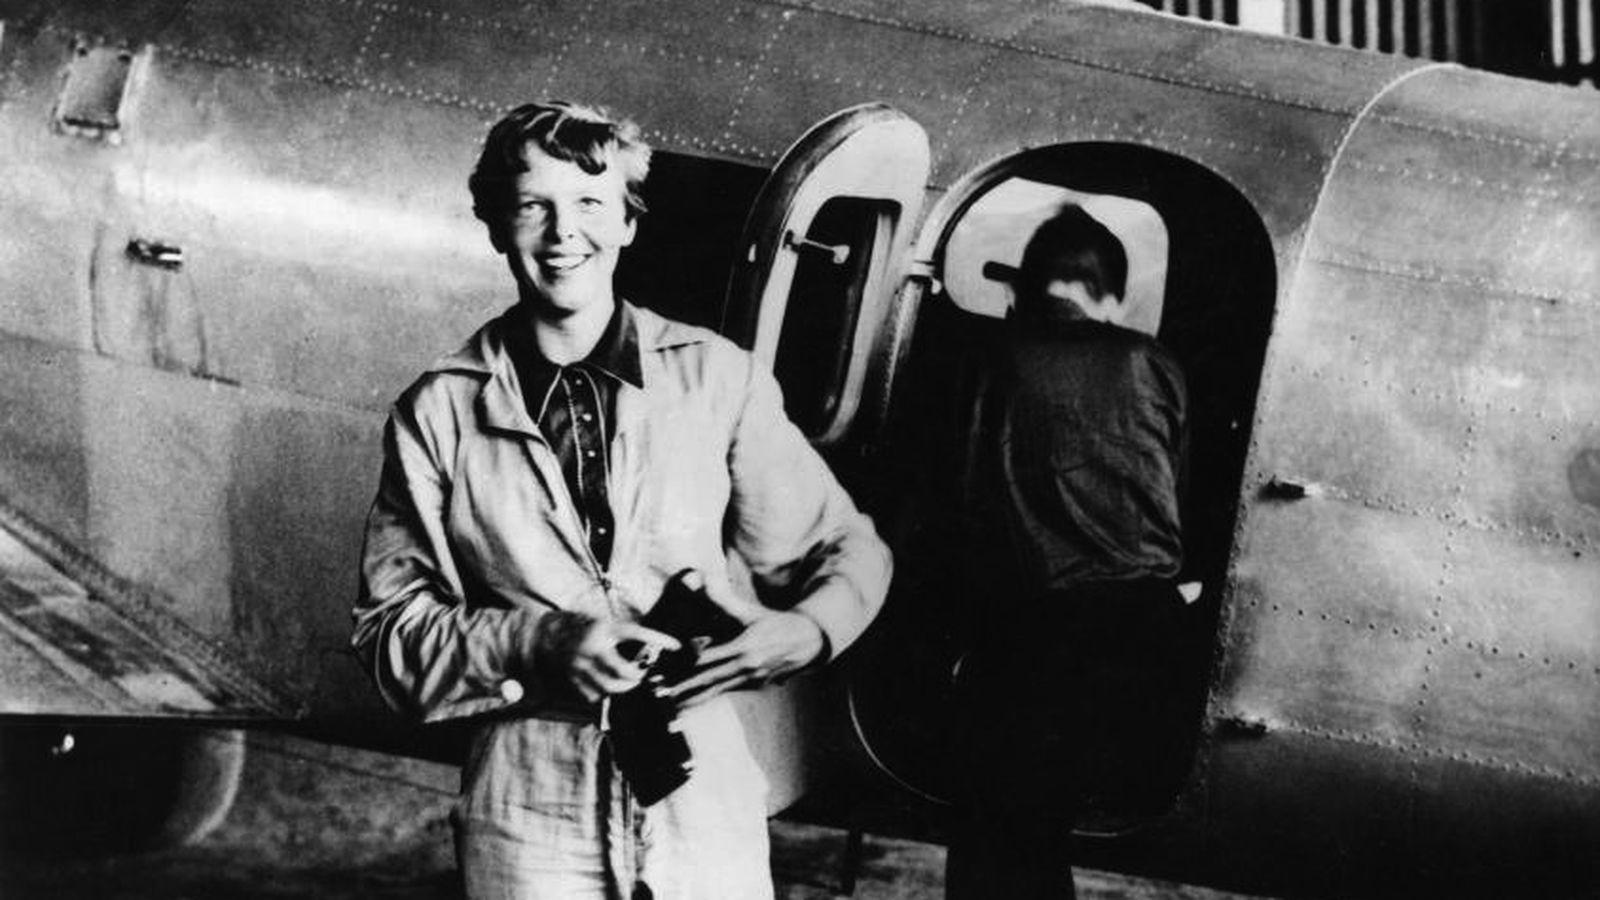 Foto: Amelia Earhart, fotografiada junto a su Lockheed Electra.